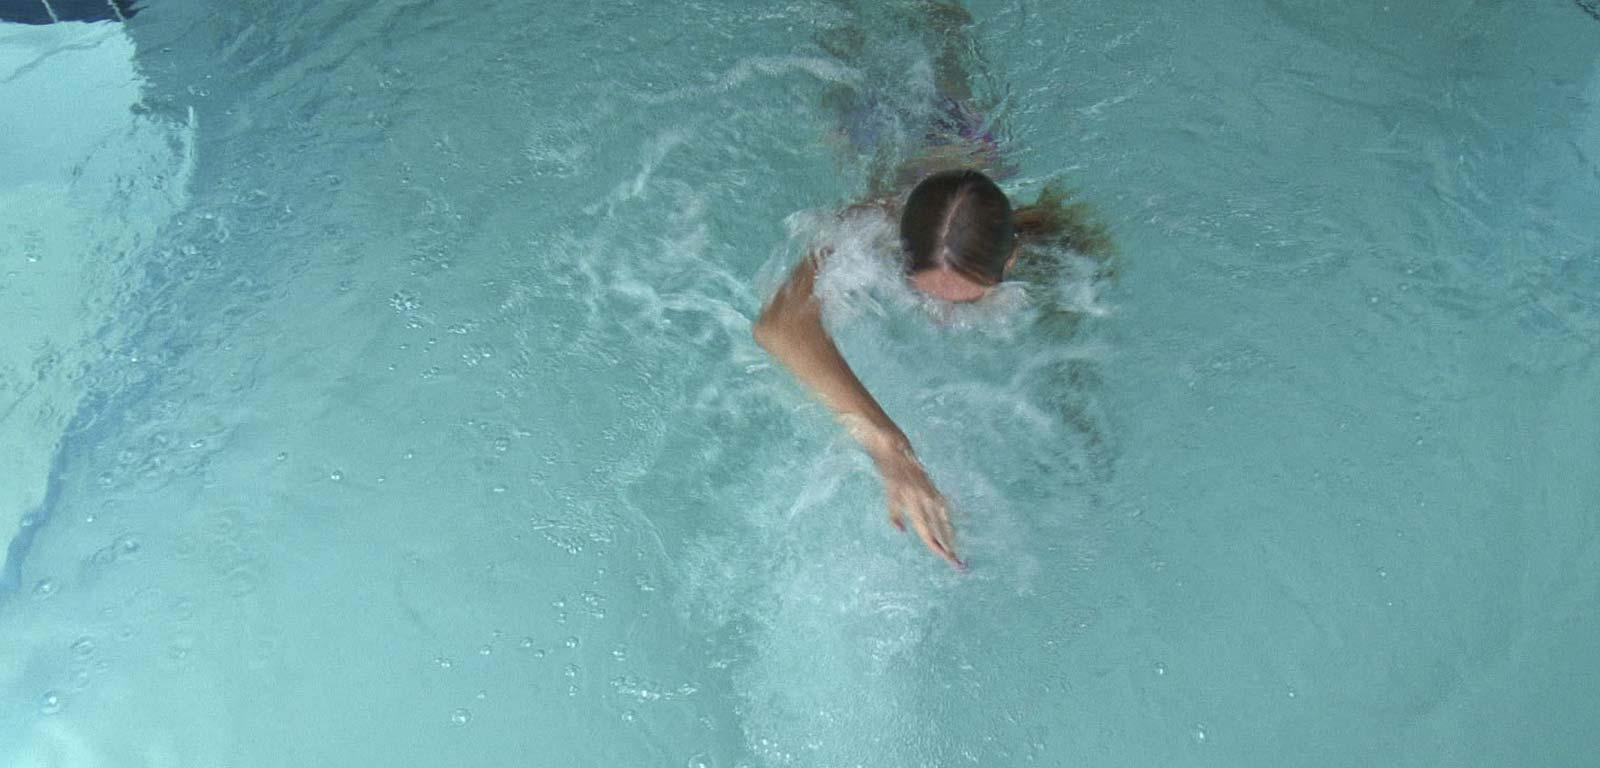 Nuoto Contro Corrente - Accessori ~ Piscine Castiglione